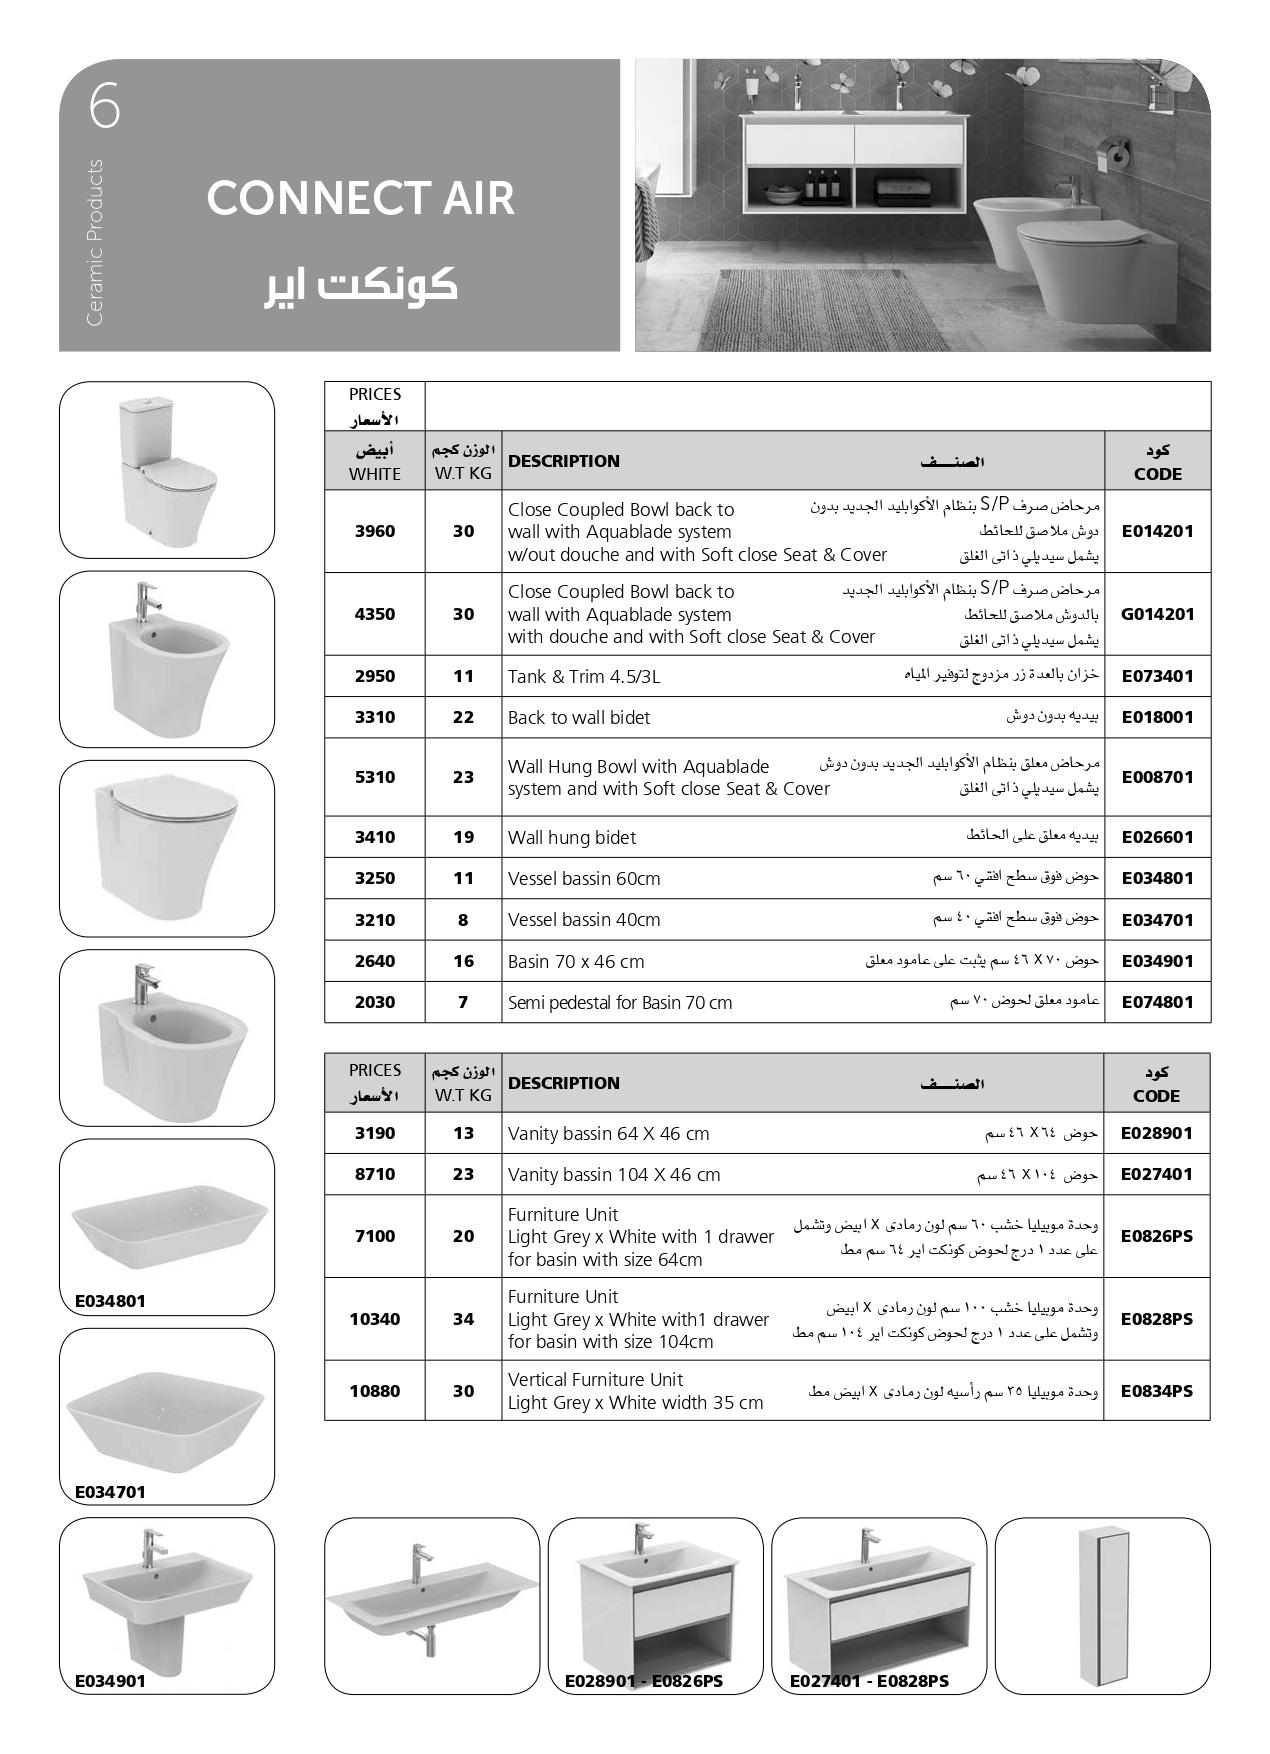 أسعار اطقم حمامات ايديال ستاندرد 2020 تعرف علي أحدث الموديلات وأسعارها 3